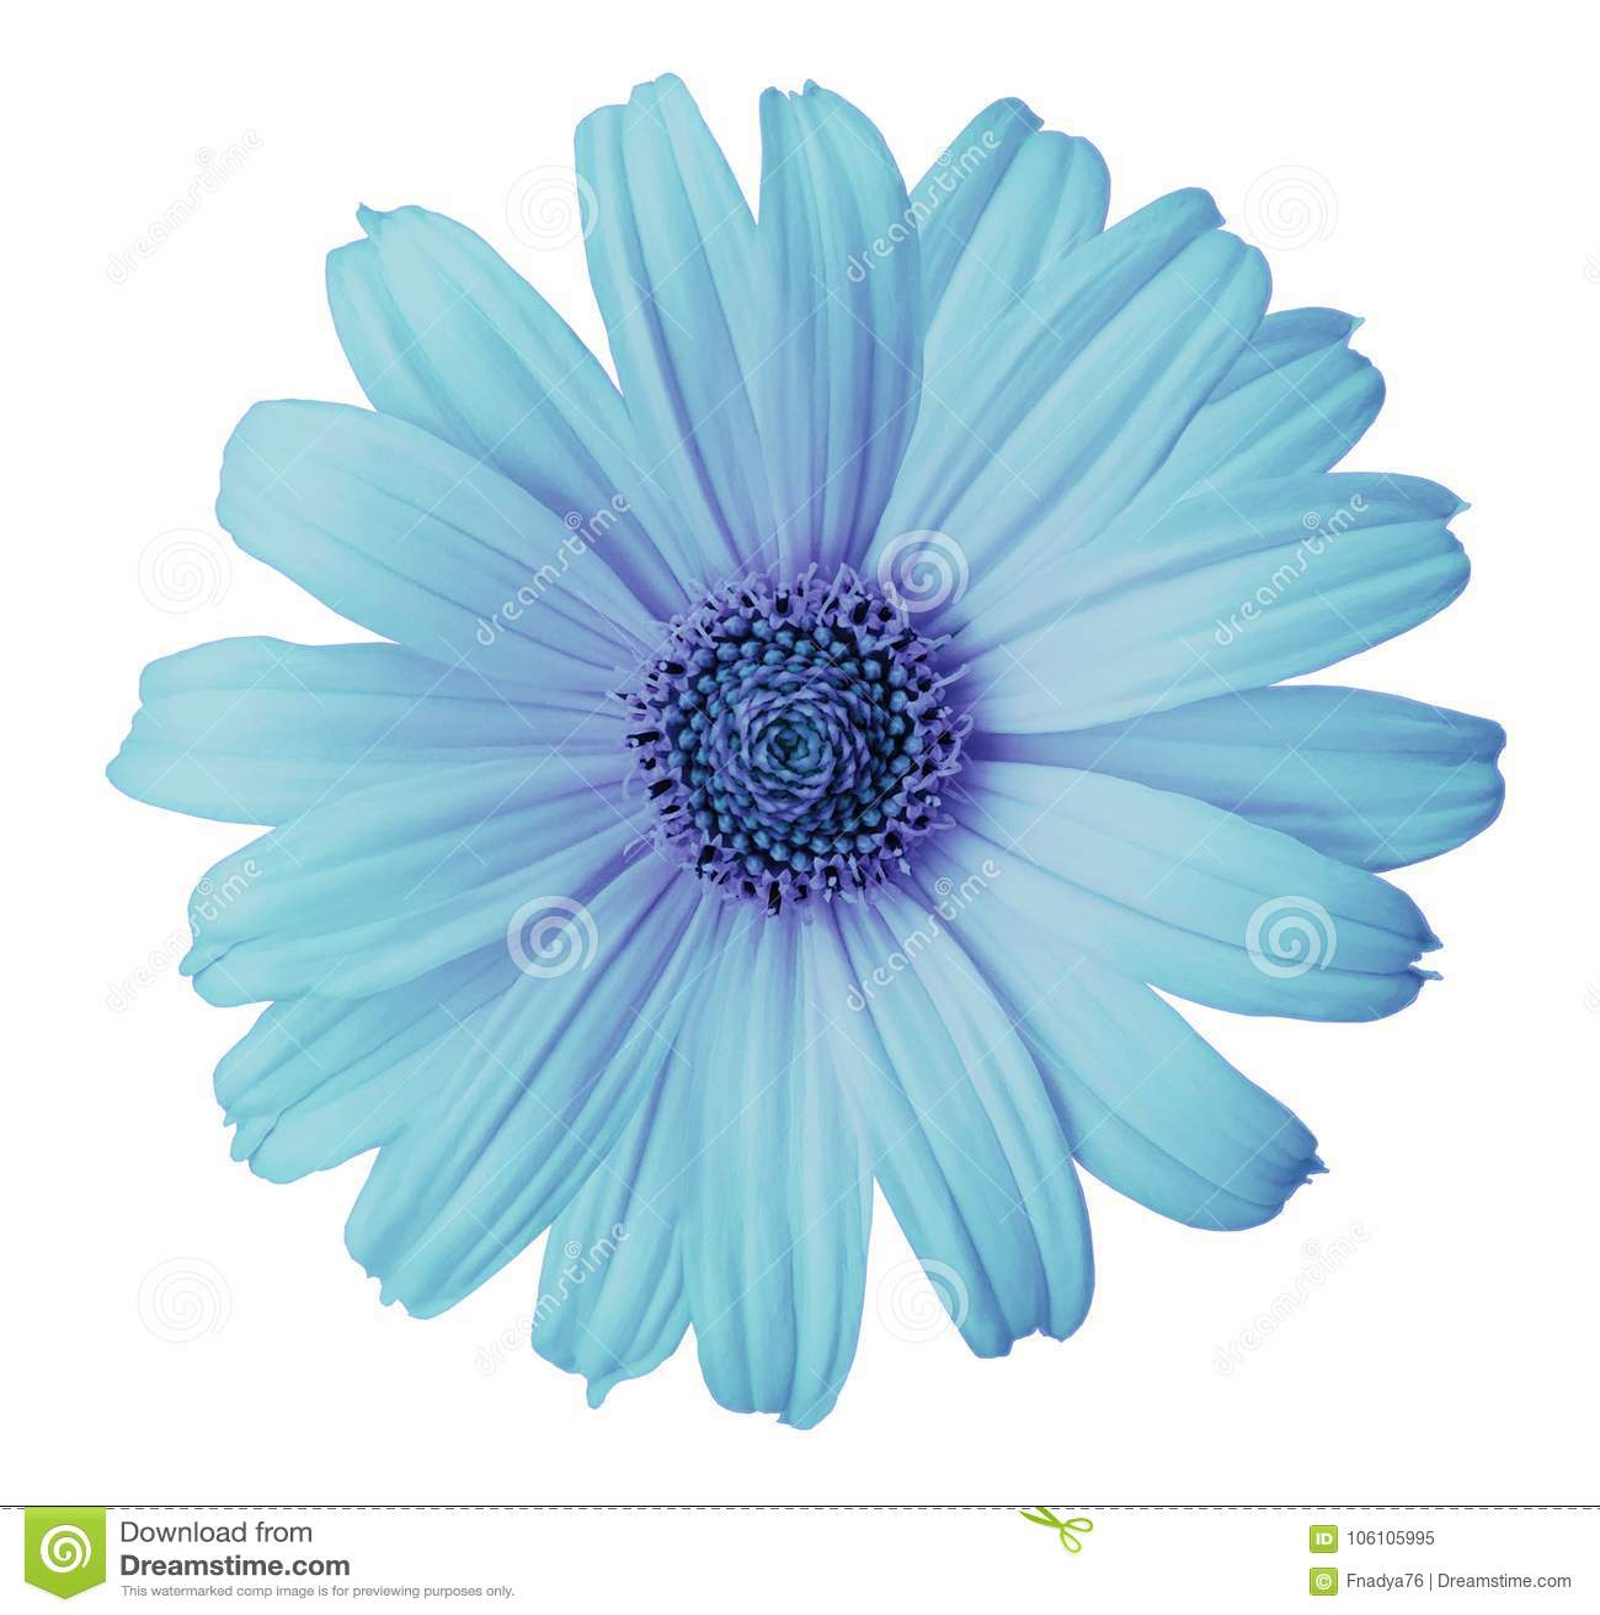 La flor Turquesa-violeta de la margarita en un blanco aisló el fondo con la trayectoria de recortes Florezca para el diseño, text